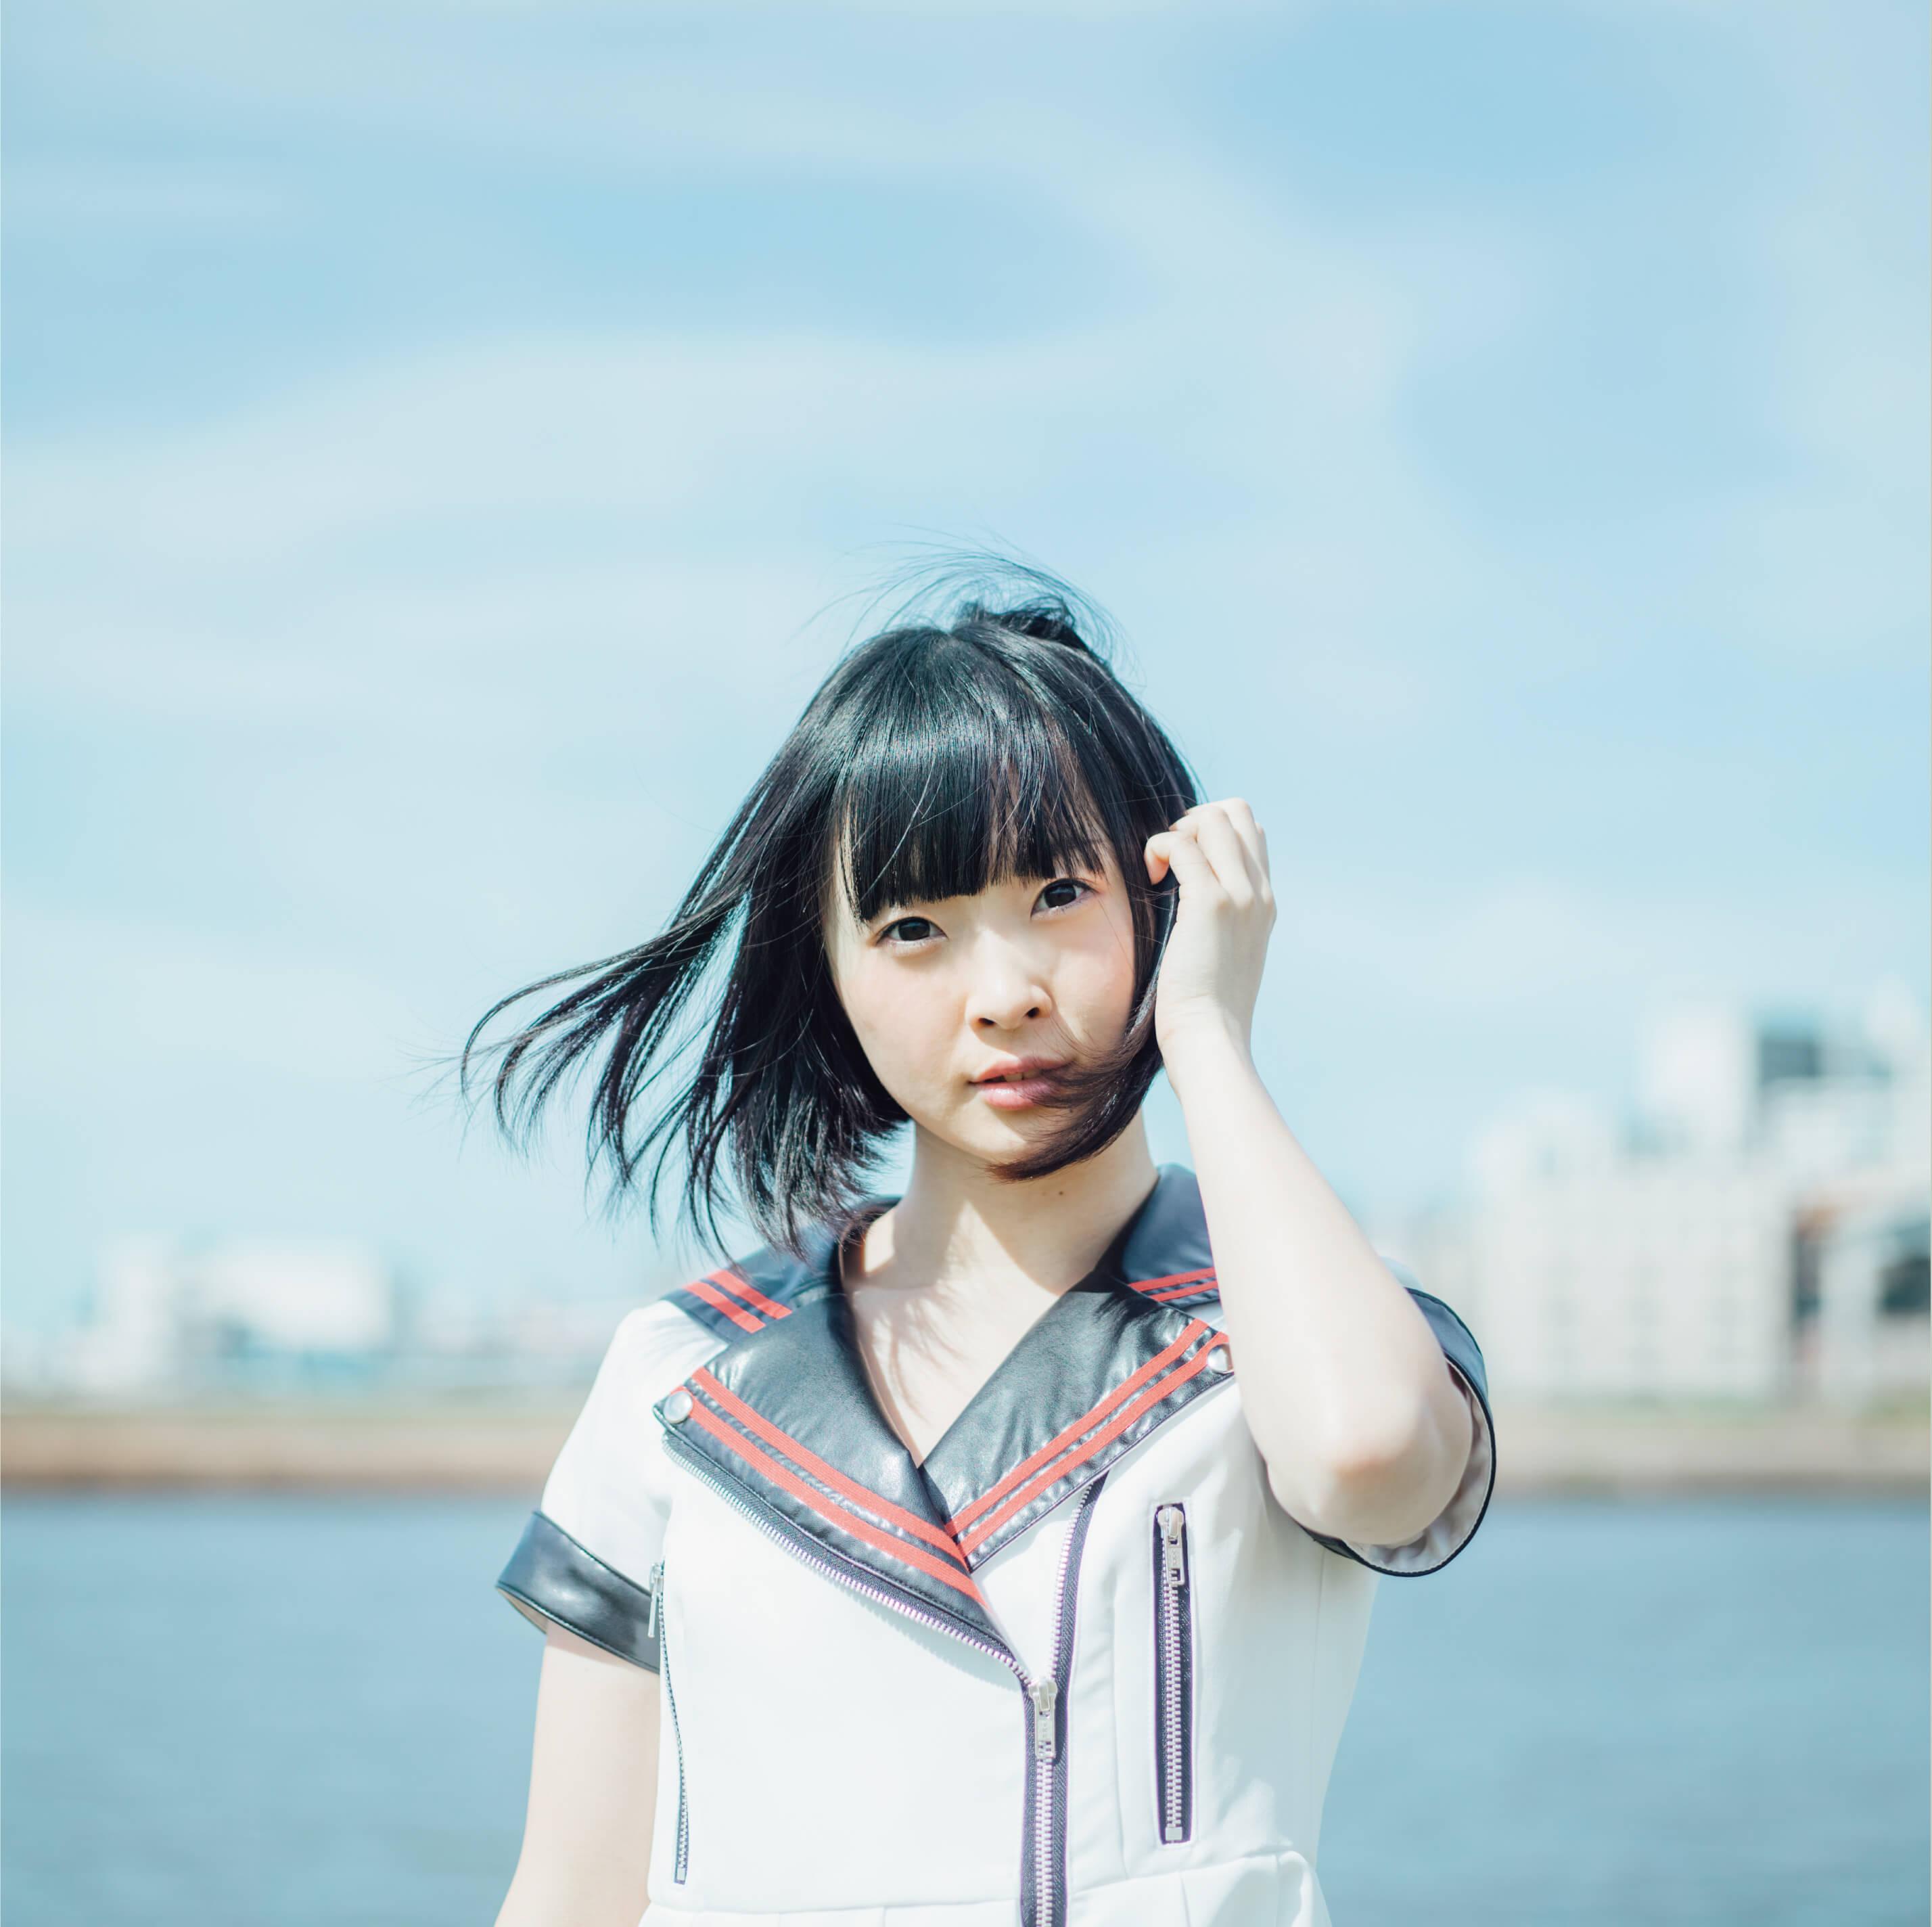 泉茉里(THE 夏の魔物)_UTANINARE!! / わたし(通常盤)